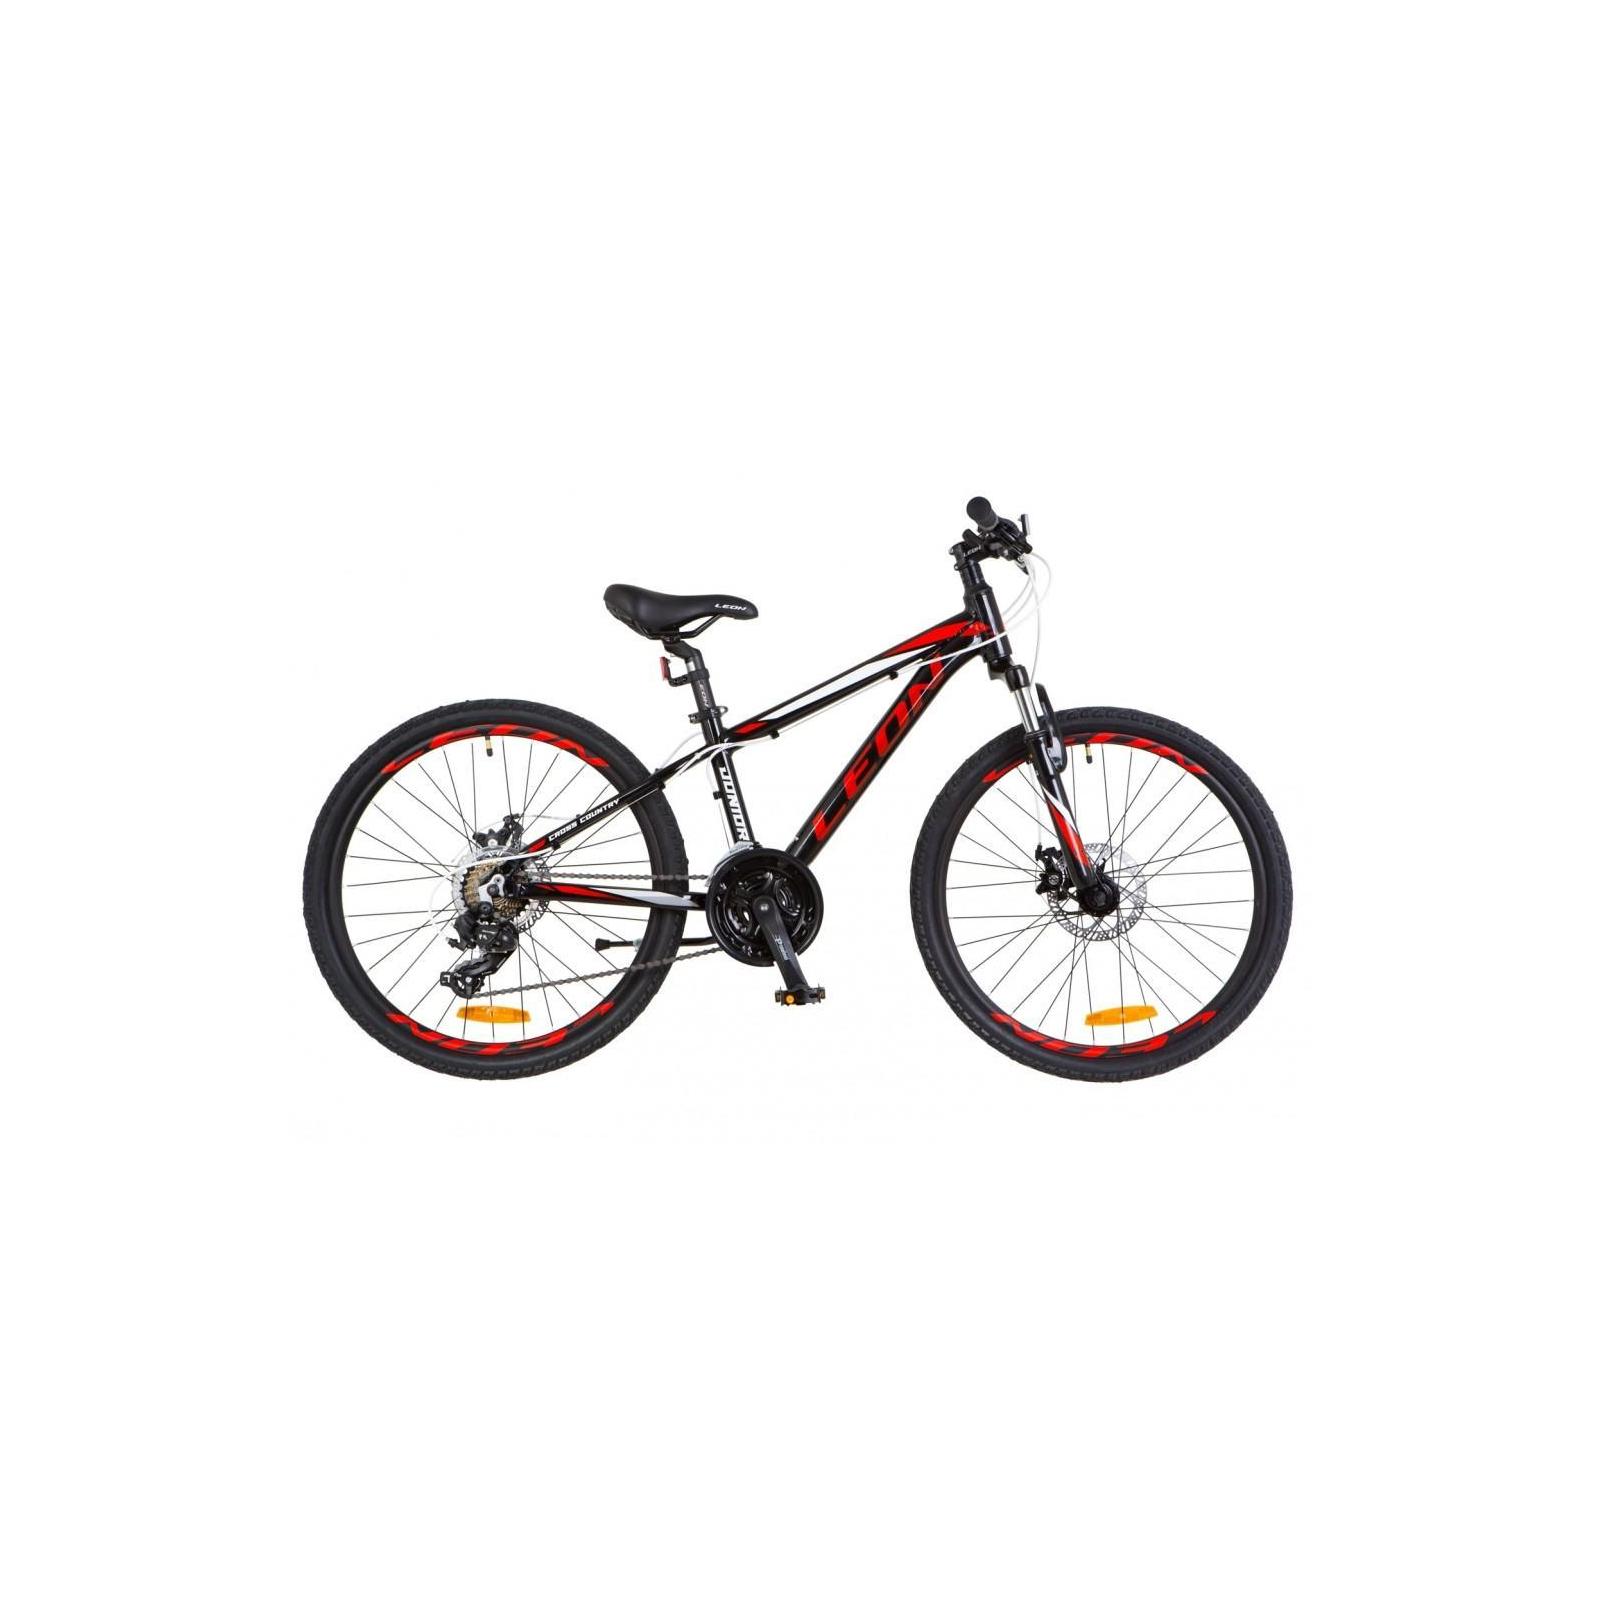 """Велосипед Leon 24"""" JUNIOR 2018 AM 14G Vbr рама-12,5"""" Al чёрно-красный (OPS-LN-24-015)"""